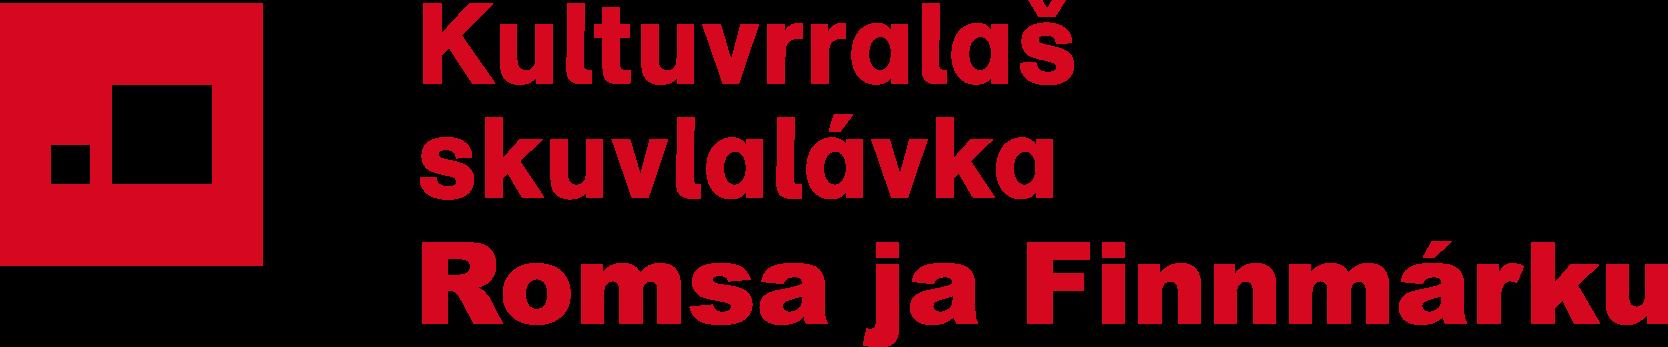 Troms og Finnmark DKS